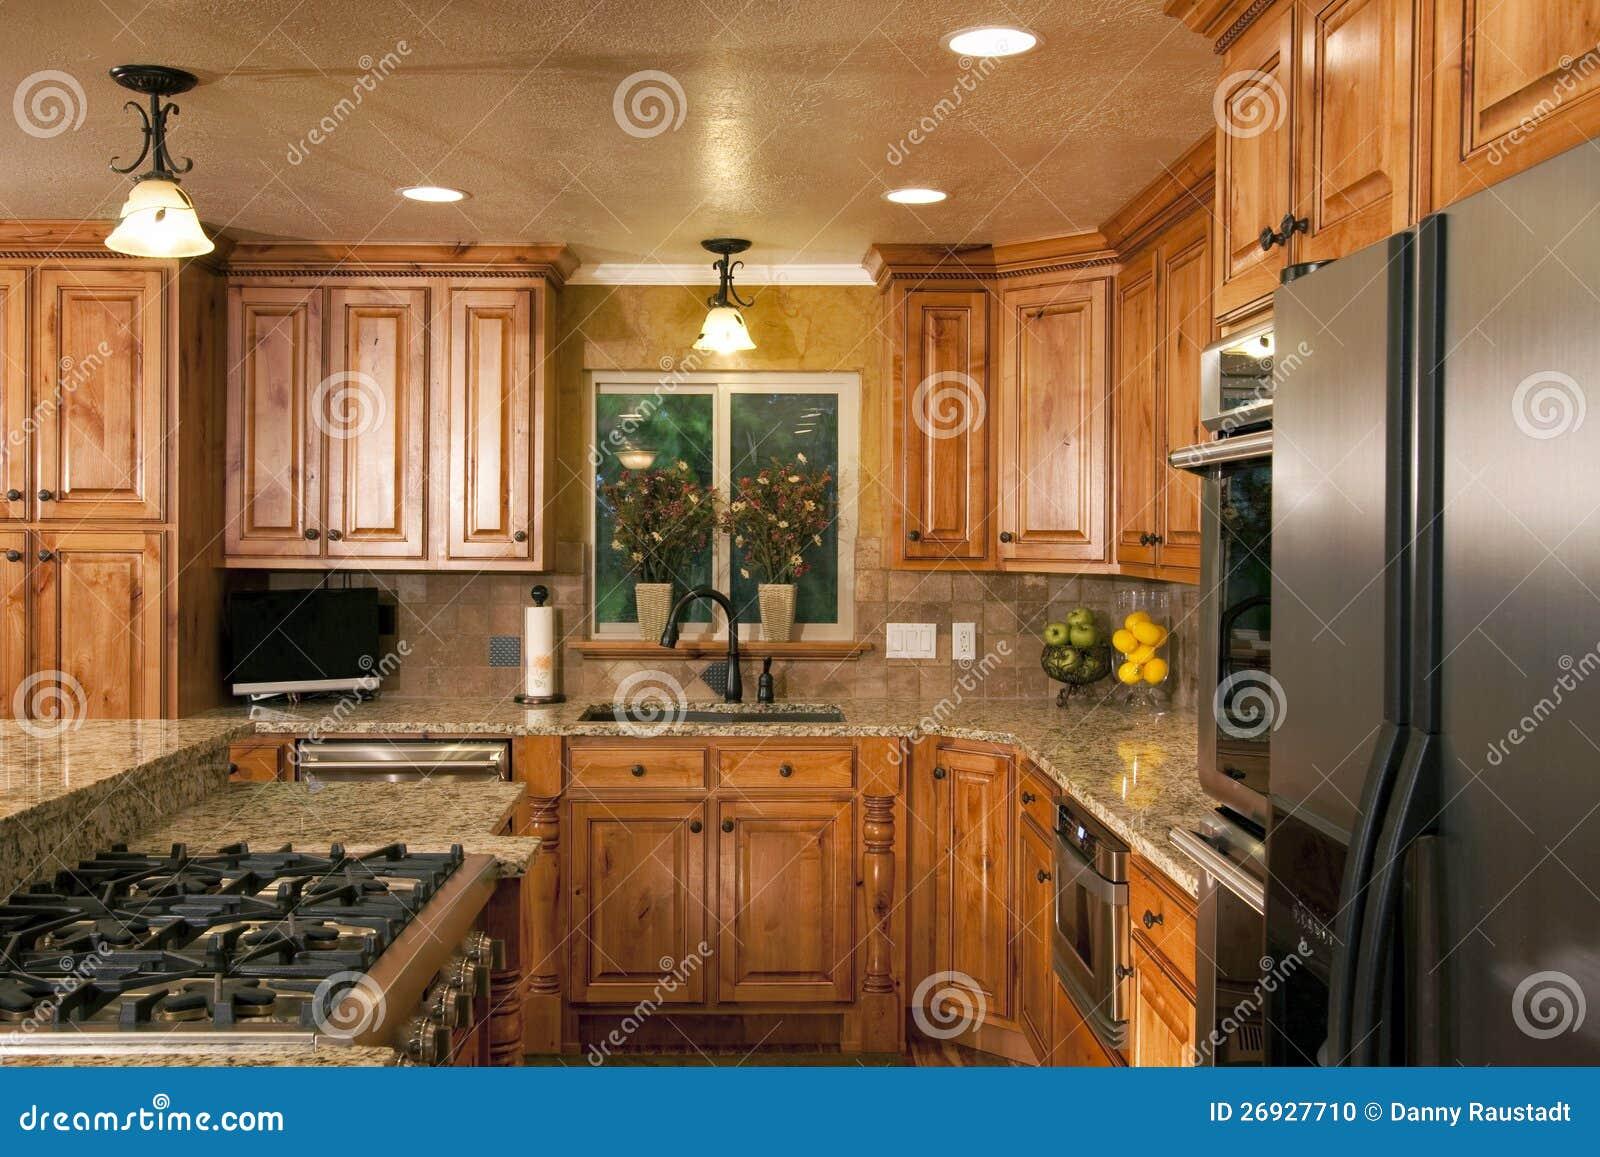 Cabinetry de lujo moderno espacioso de la cocina